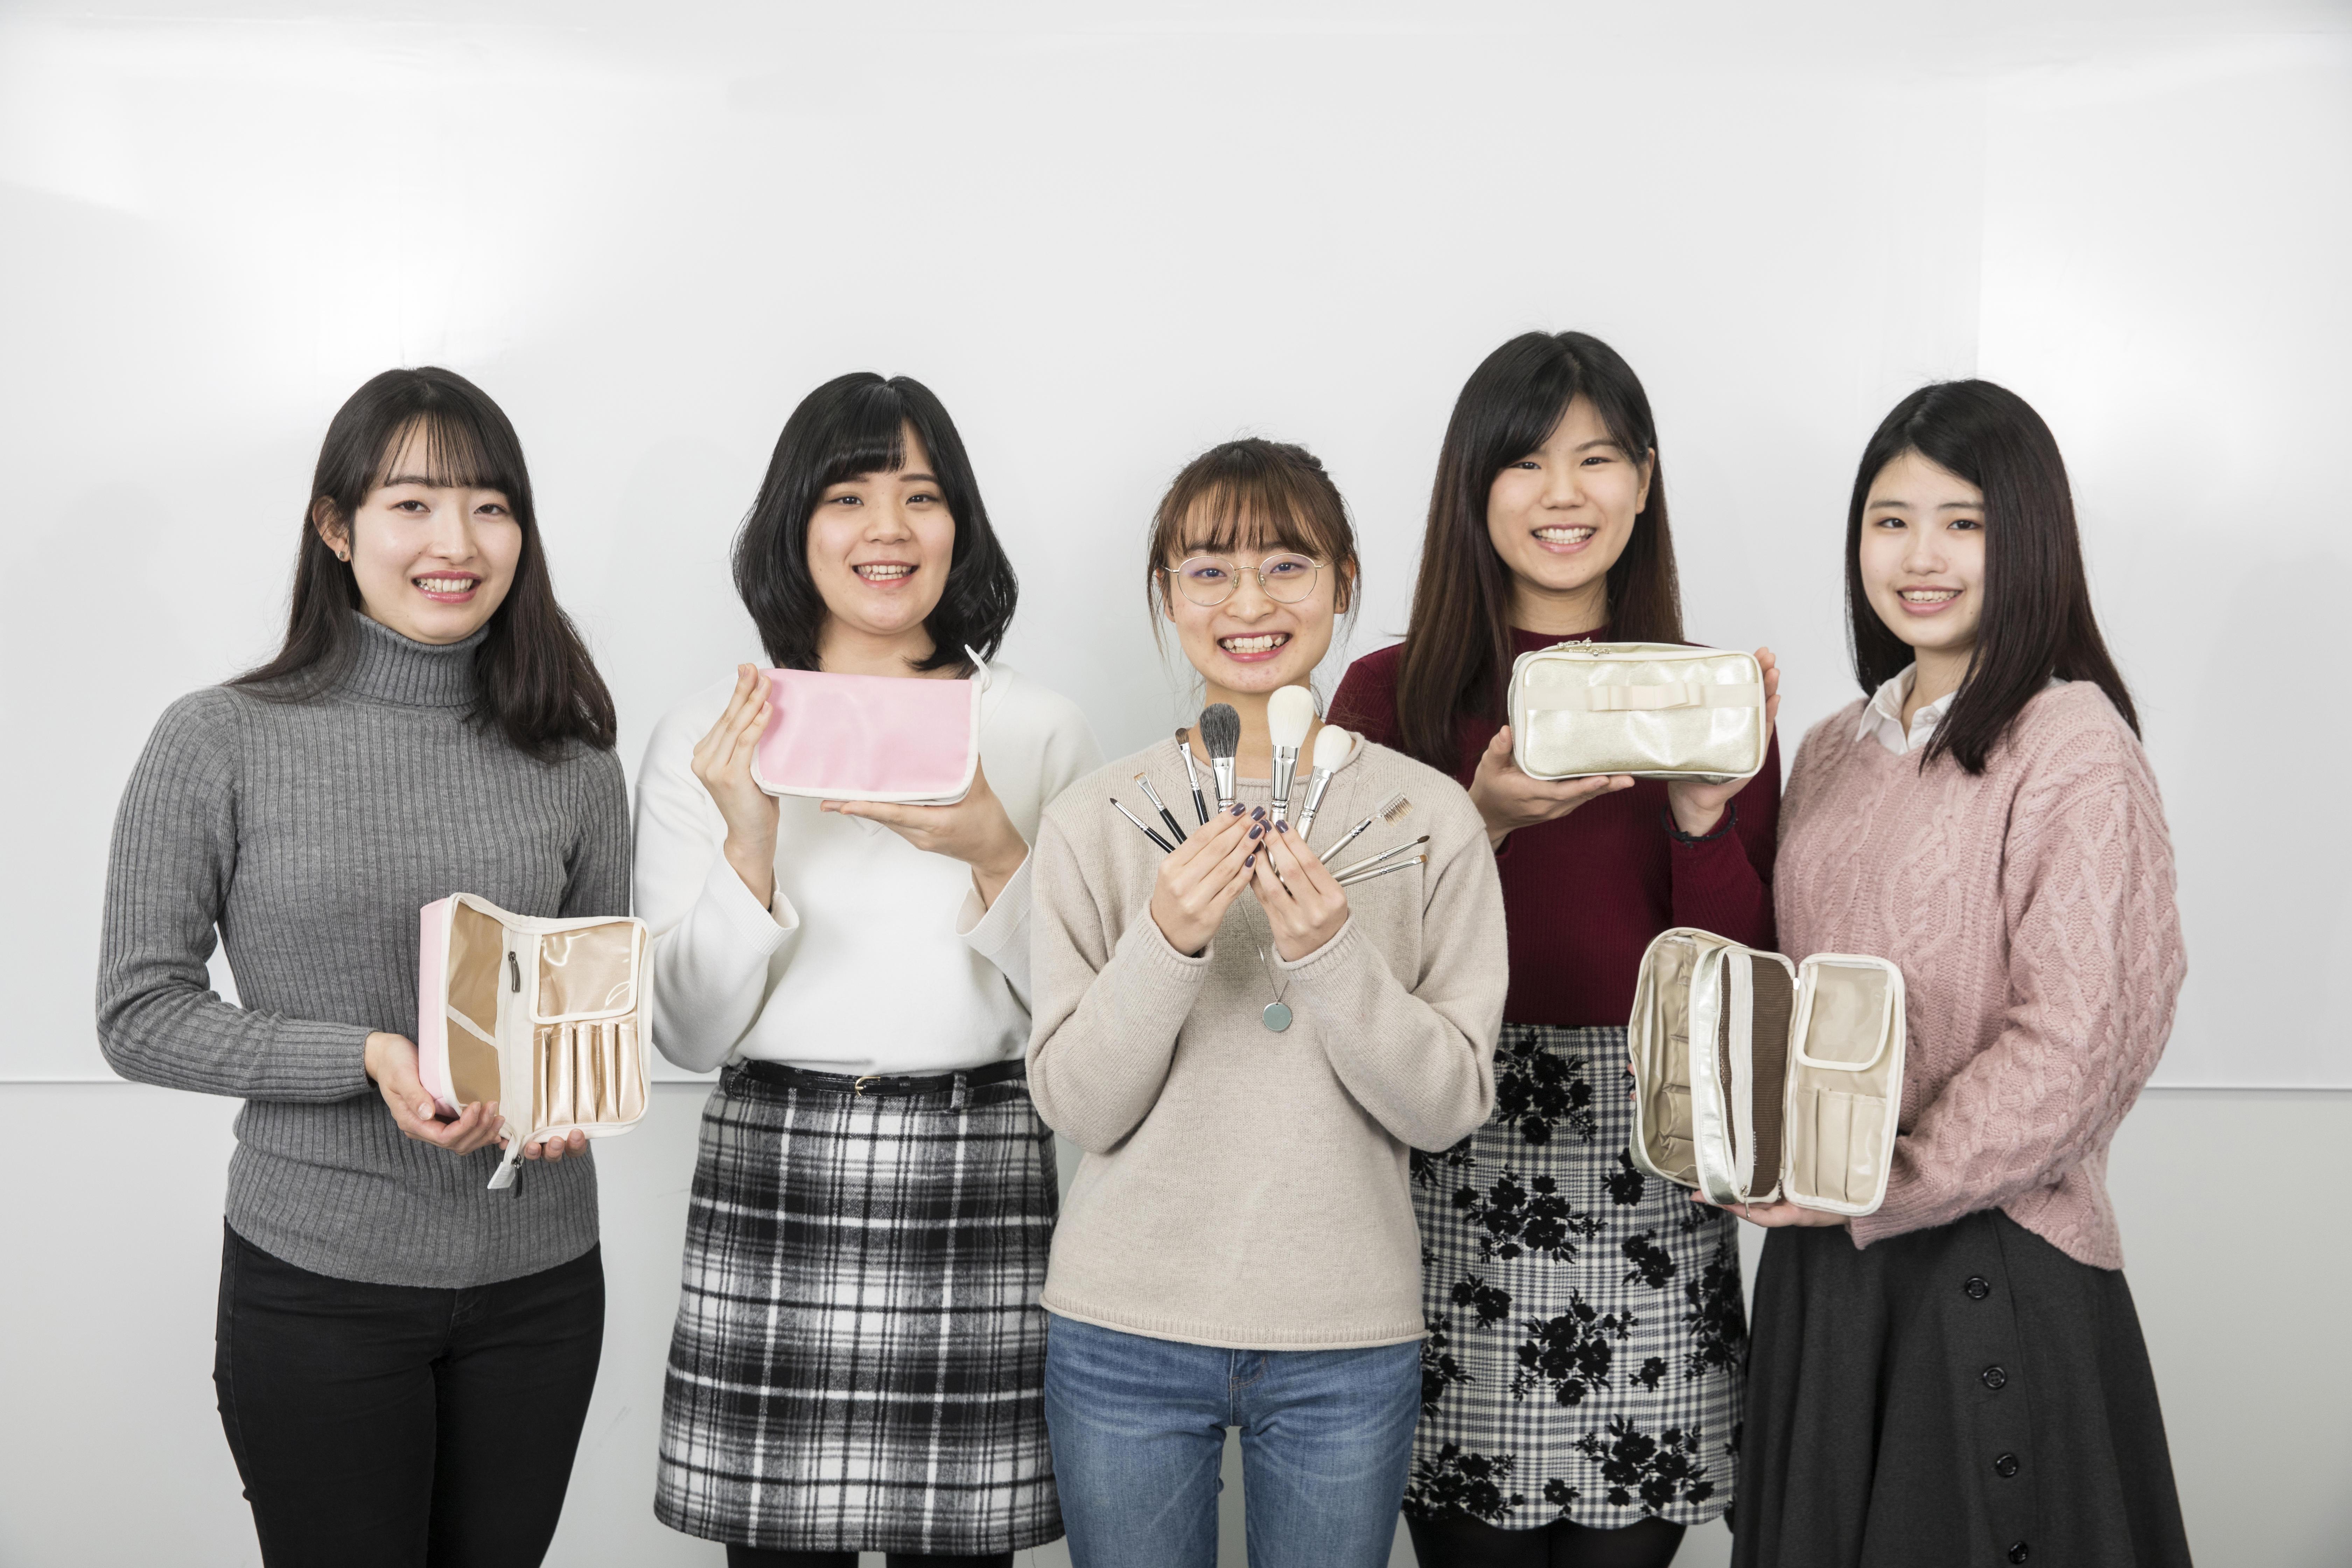 毎日を楽しく、輝く女性を応援 女子大生が開発した化粧筆ポーチ2種類を限定販売 -- 昭和女子大学